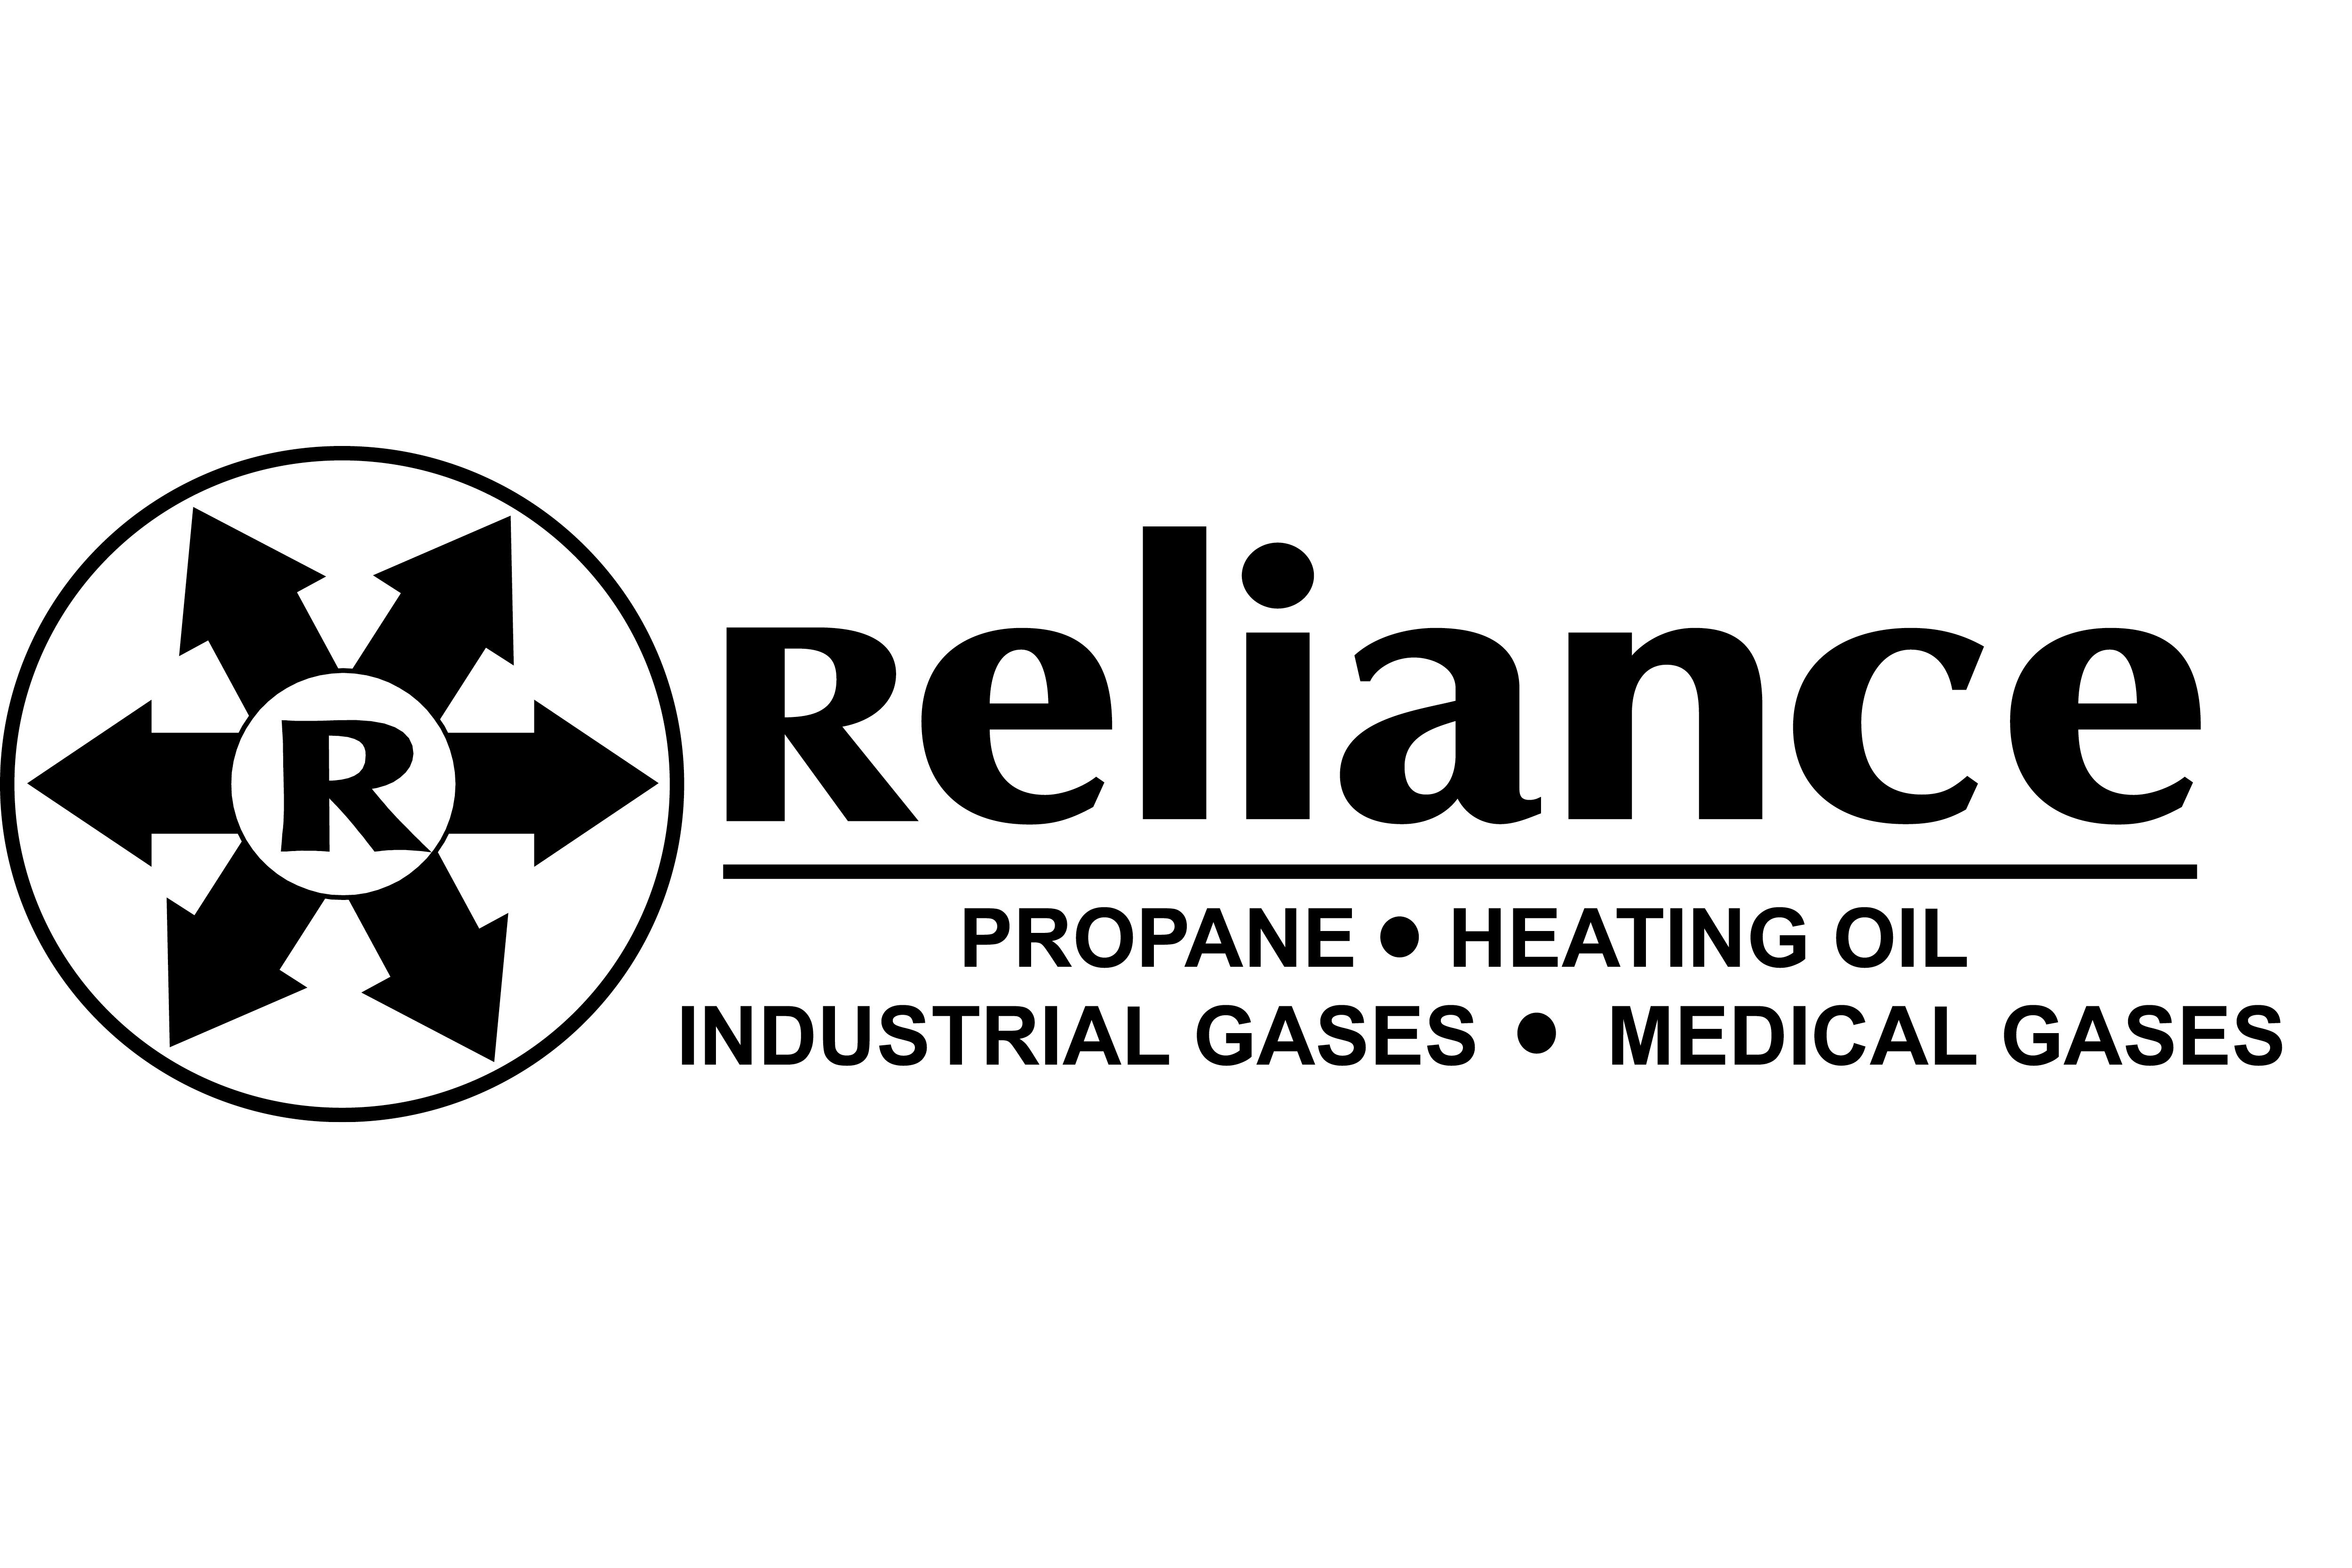 Reliance_400x600